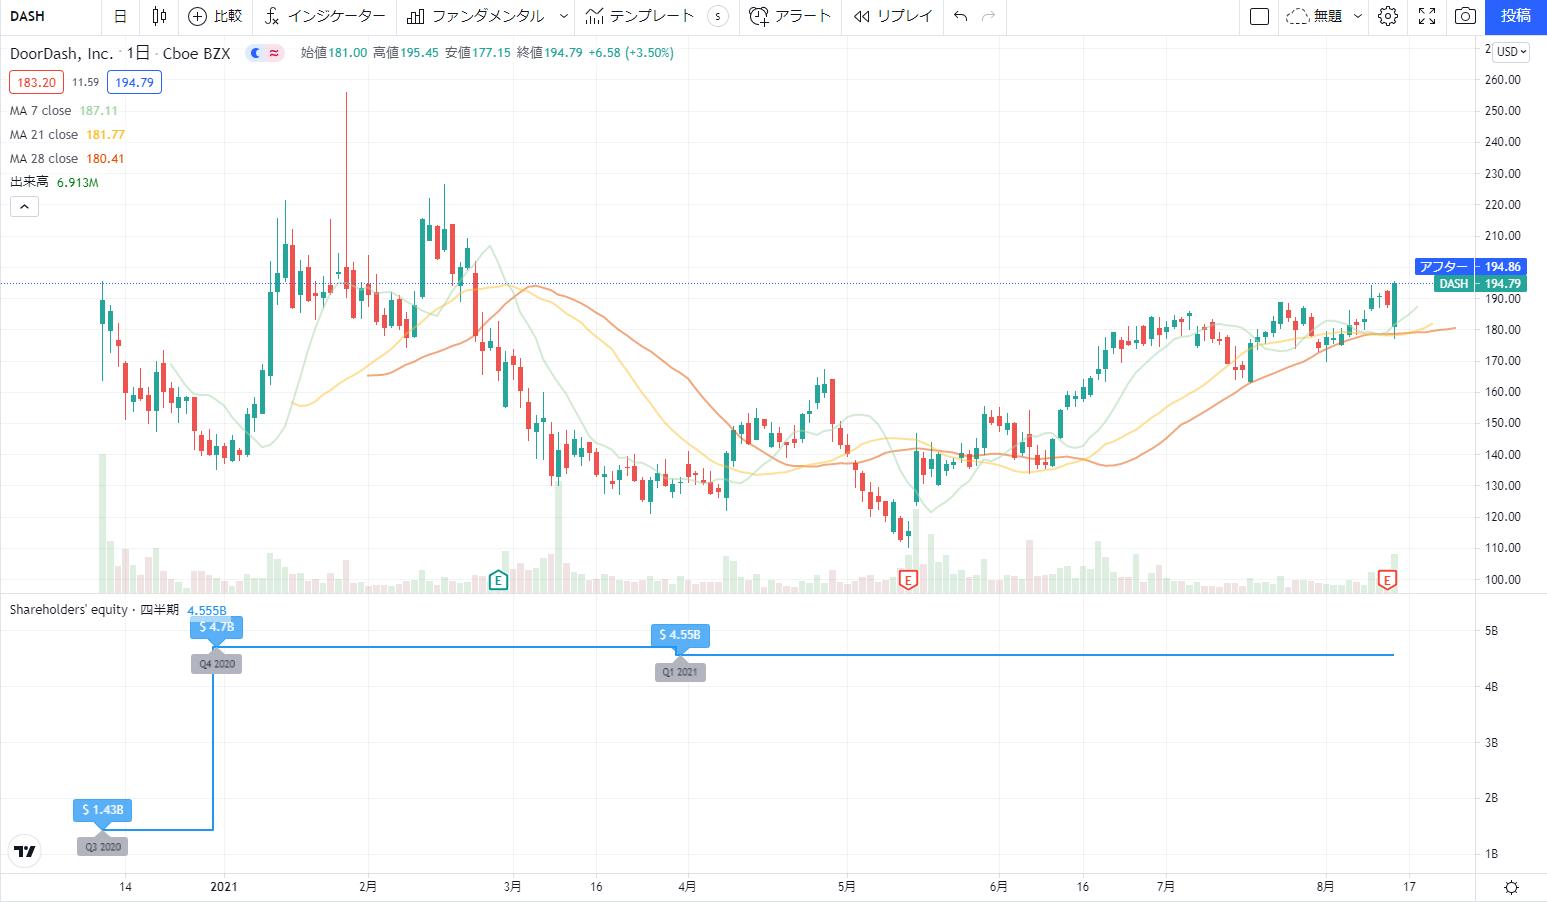 米国アメリカ株おすすめ新規上場銘柄(IPO)2020の2位:ドアダッシュDoordashDASH株価チャート